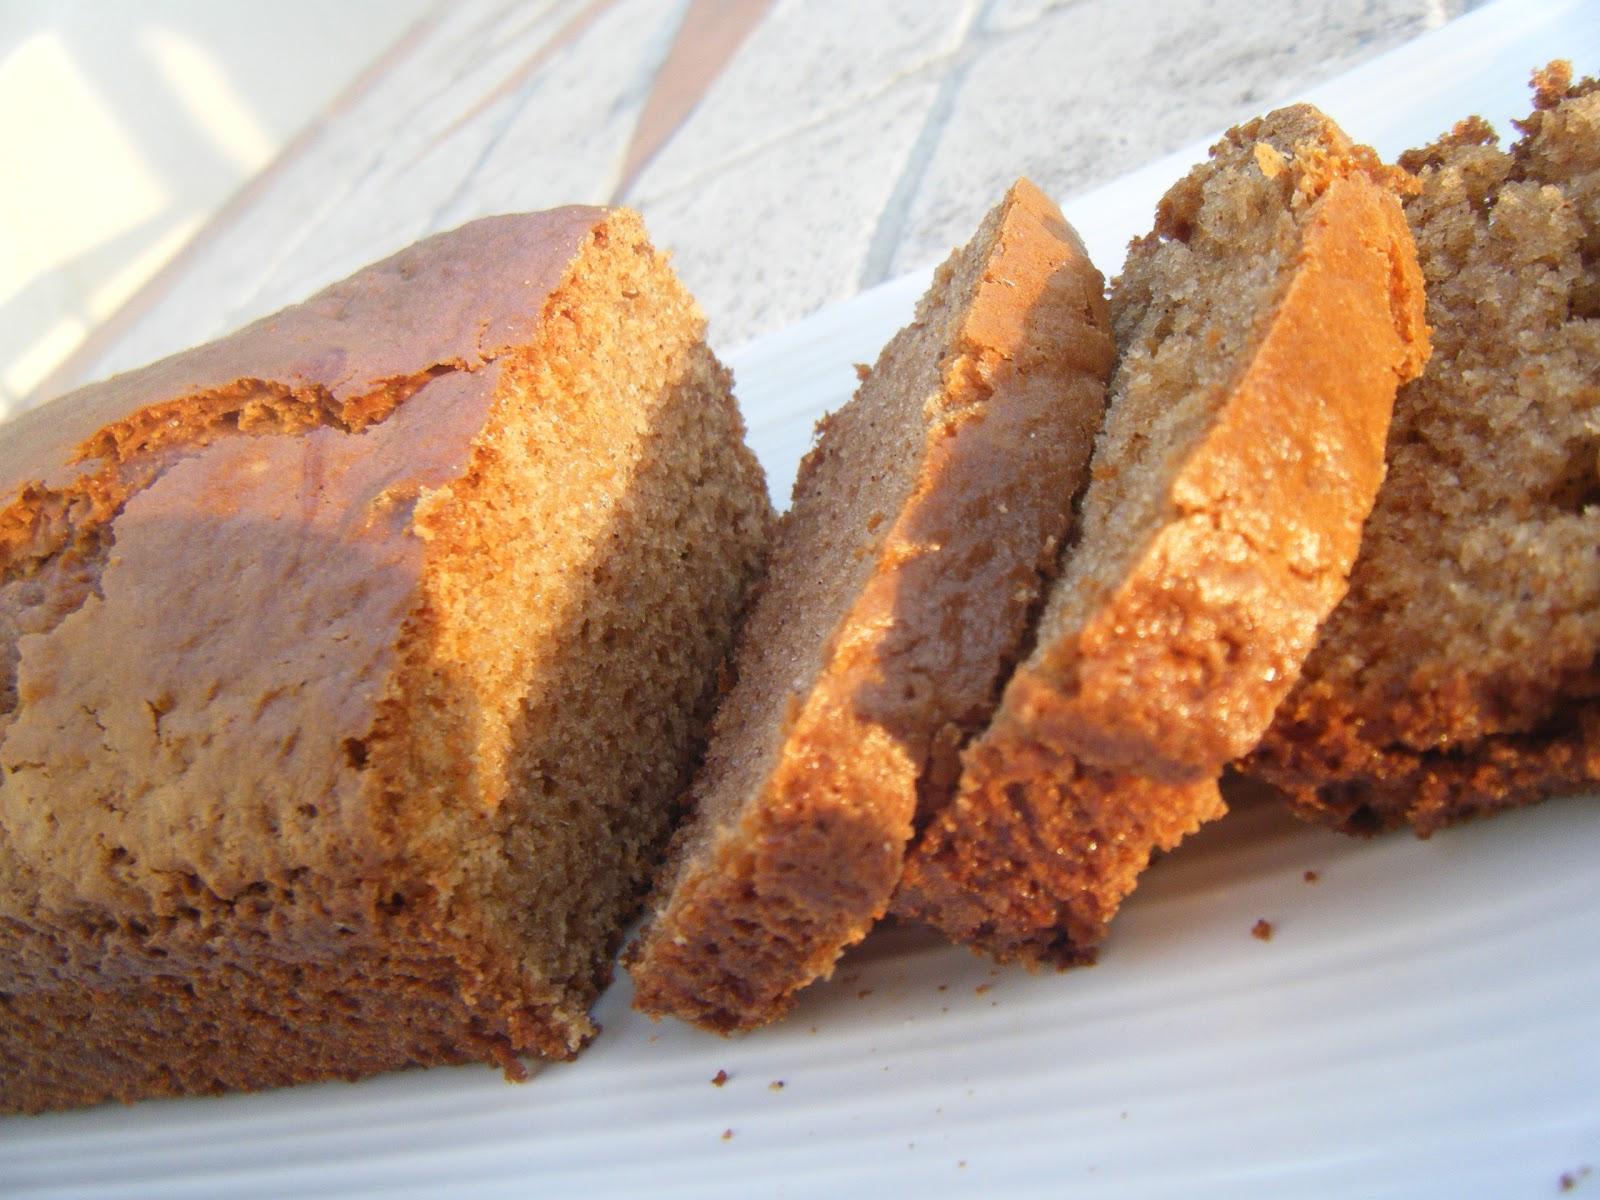 midi cuisine pain d 39 pice accompagnement du foie gras. Black Bedroom Furniture Sets. Home Design Ideas